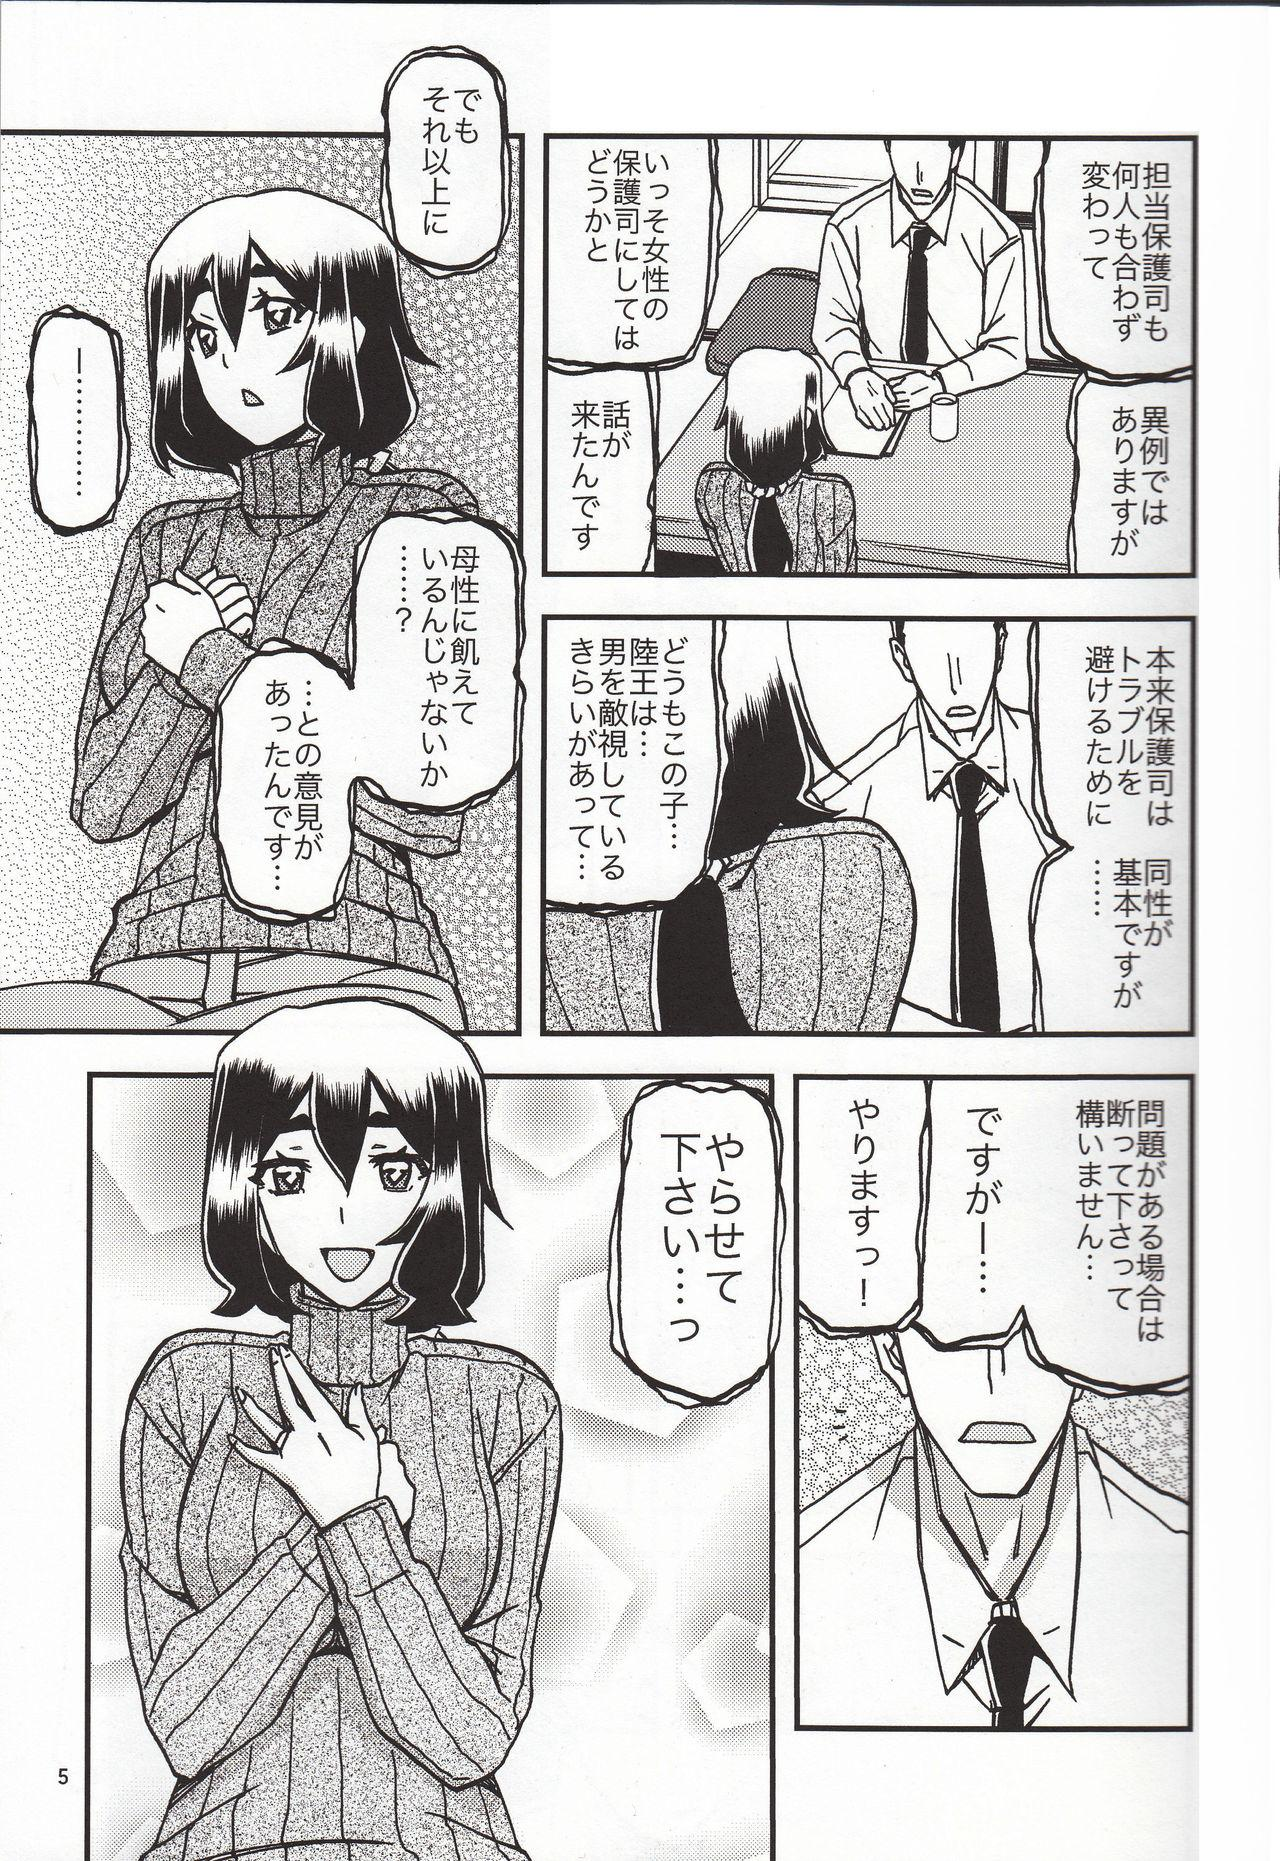 Akebi no Mi - Chizuru katei 3